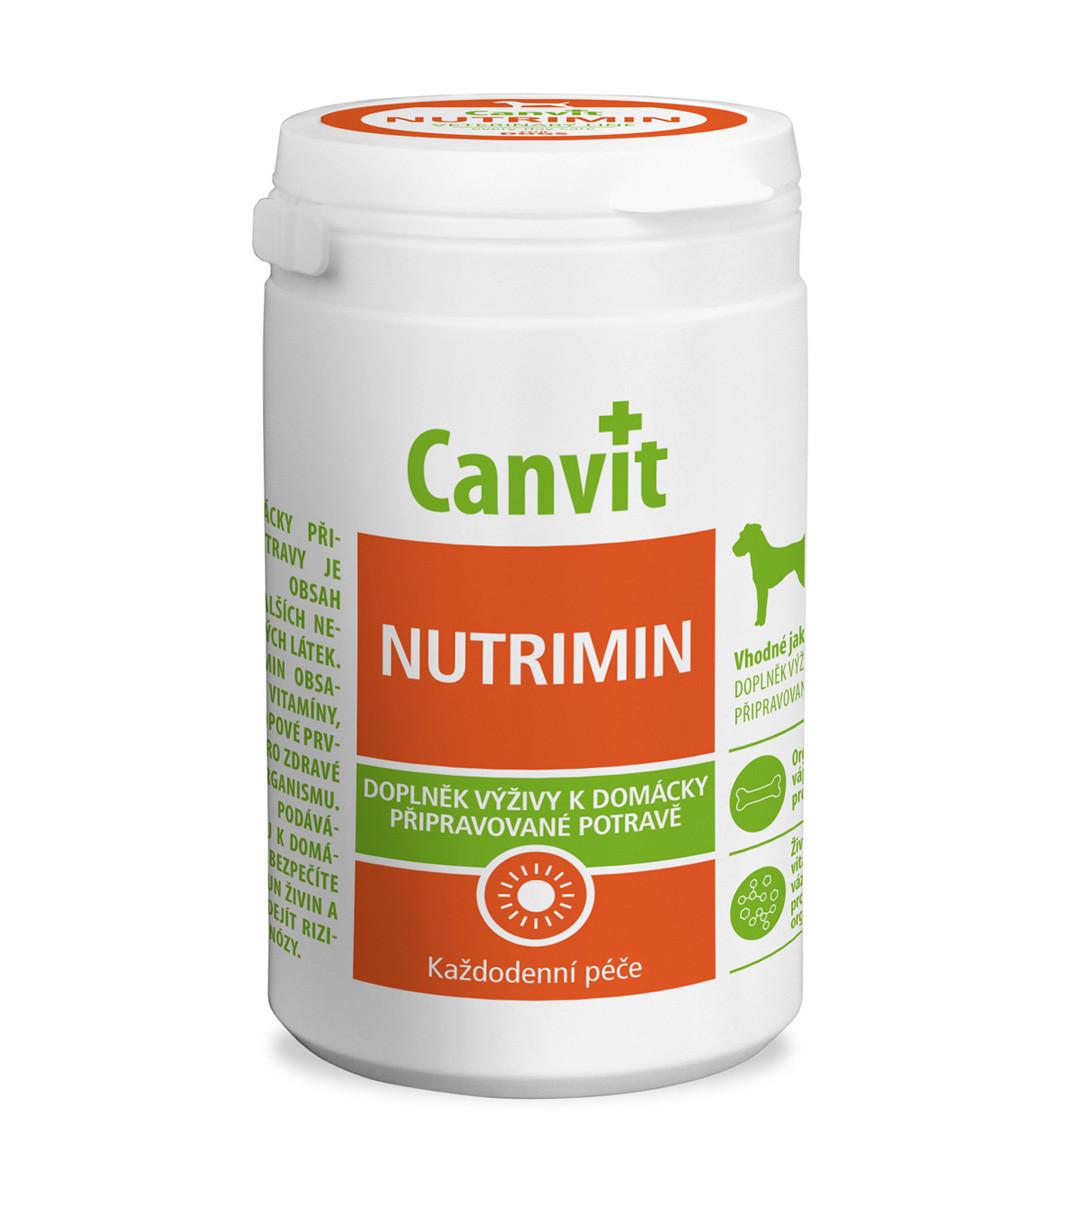 Витаминно-минеральный комплекс для собак при натуральном кормлении Canvit Nutrimin 1 кг